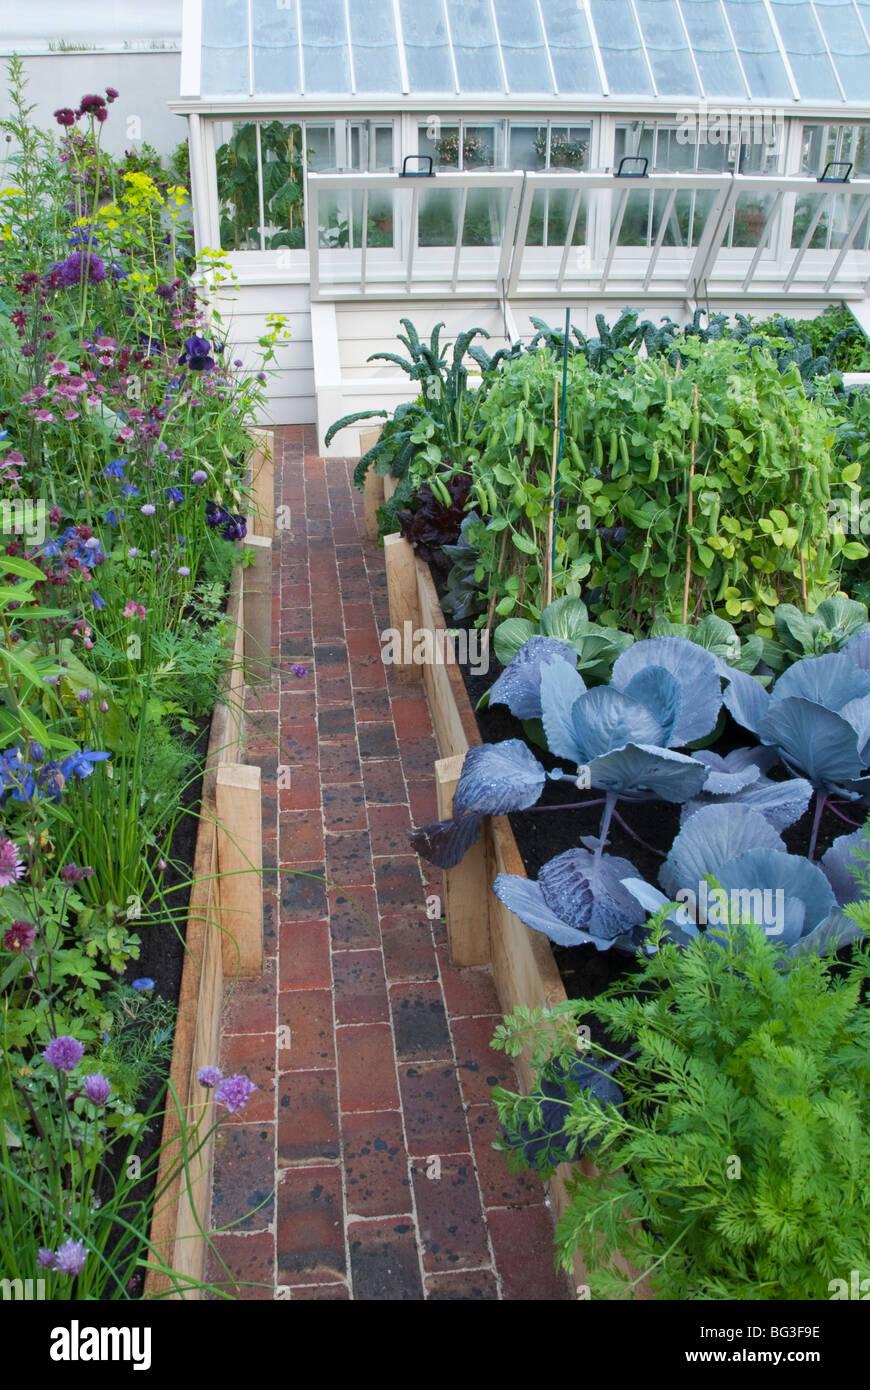 Schöner Gemüsegarten Mit Hochbeeten, Ziegelsteinweg, Moderne Gehobene  Gewächshaus U0026 Blume Garten Im Hinterhof Garten